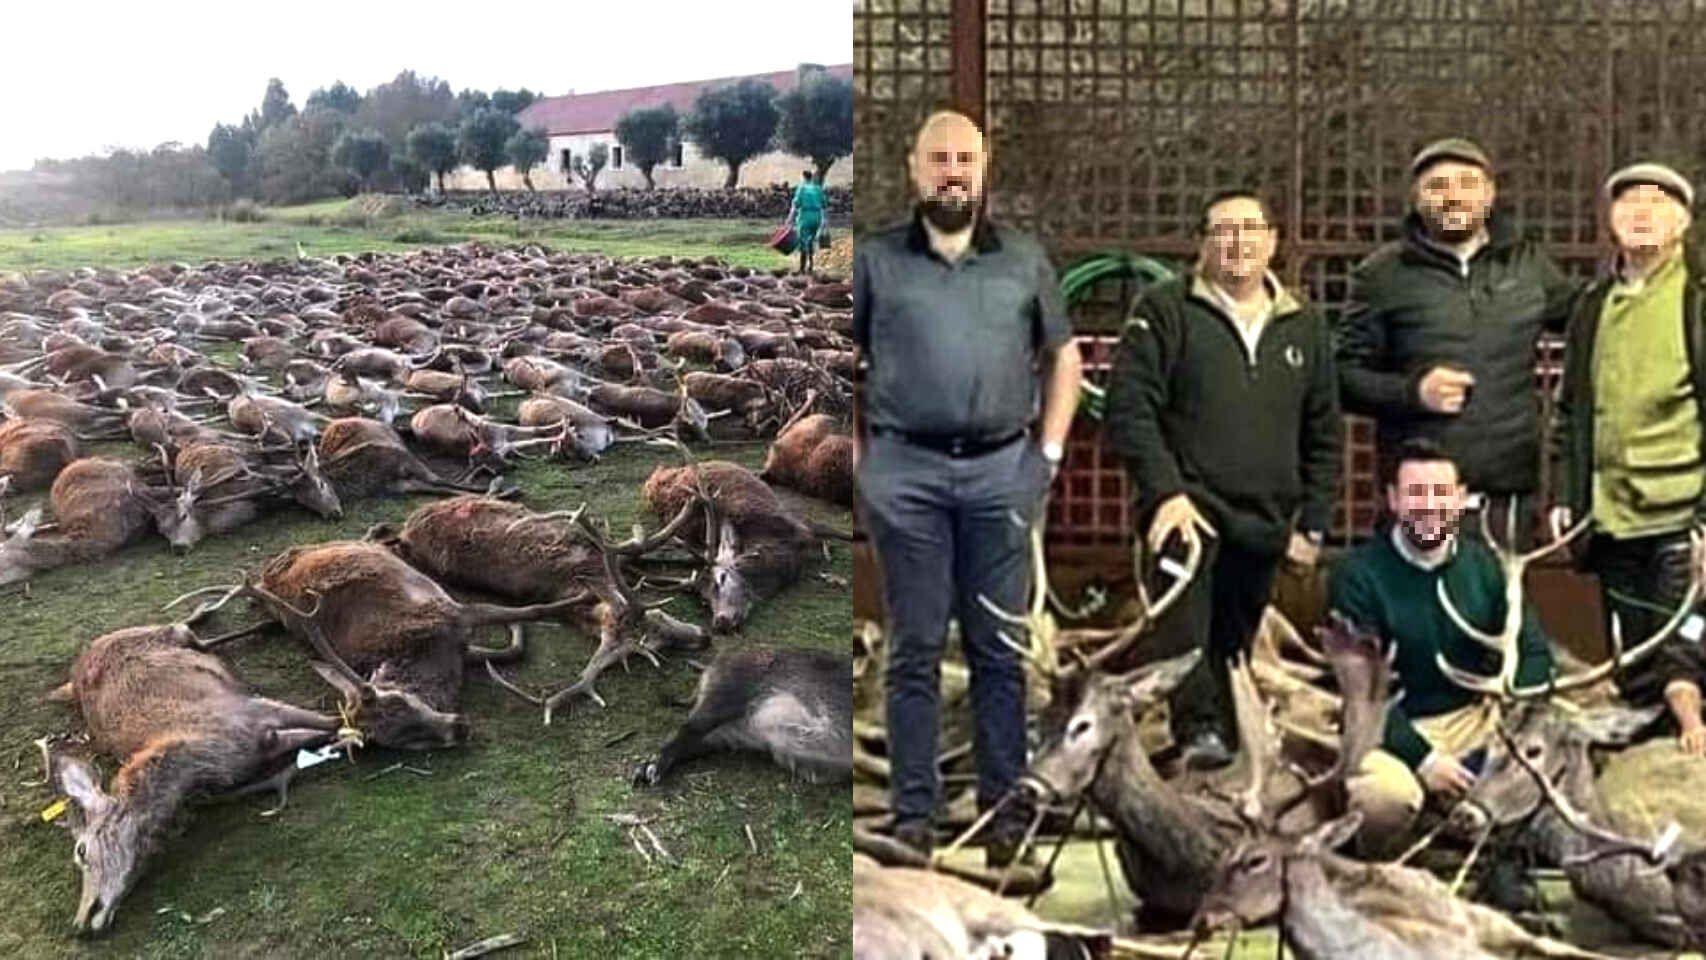 Los cazadores despertaron la indignación colectiva por la muerte de jabalíes y venados.